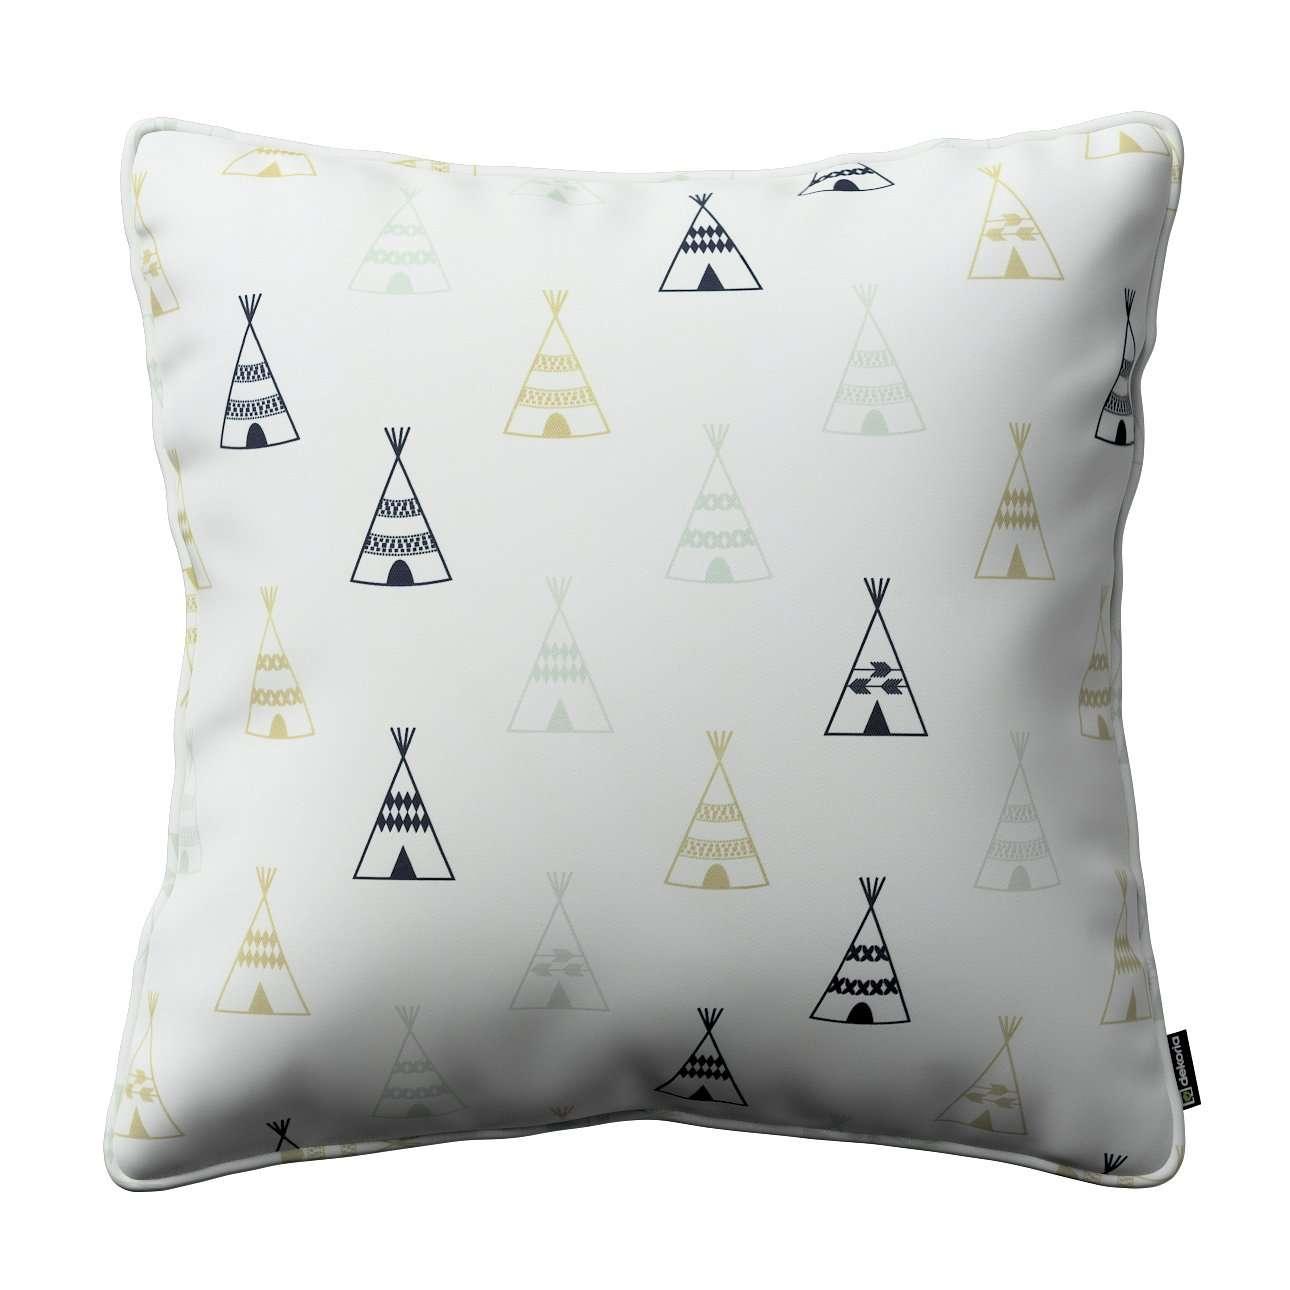 Poszewka Gabi na poduszkę w kolekcji Adventure, tkanina: 141-84